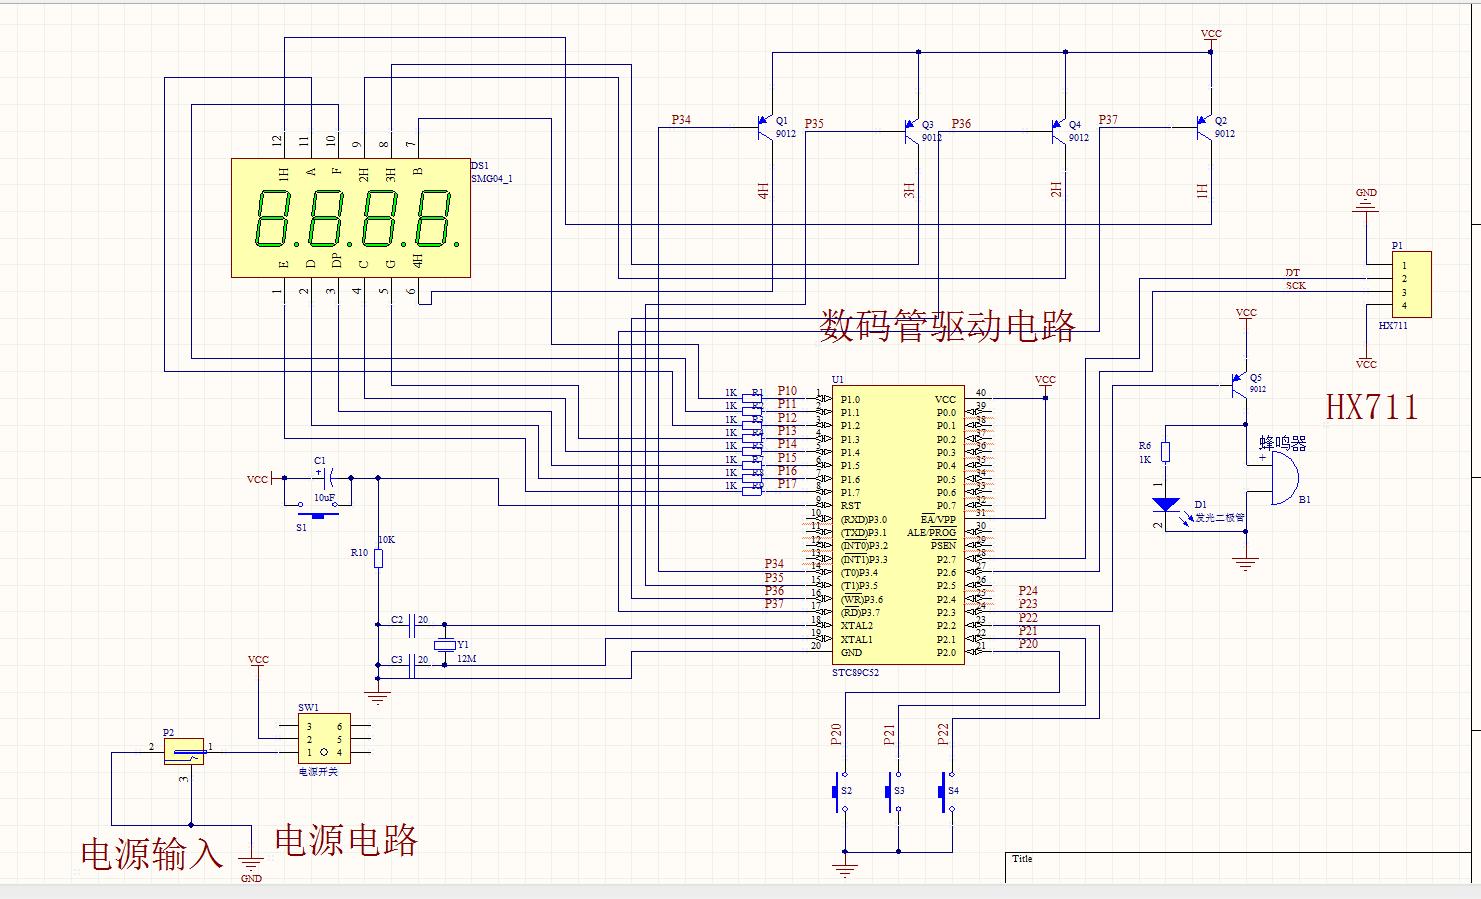 电子秤传感器原理_单片机控制的电子秤 实物图,电路图,pcb及程序全套资料 - 51 ...